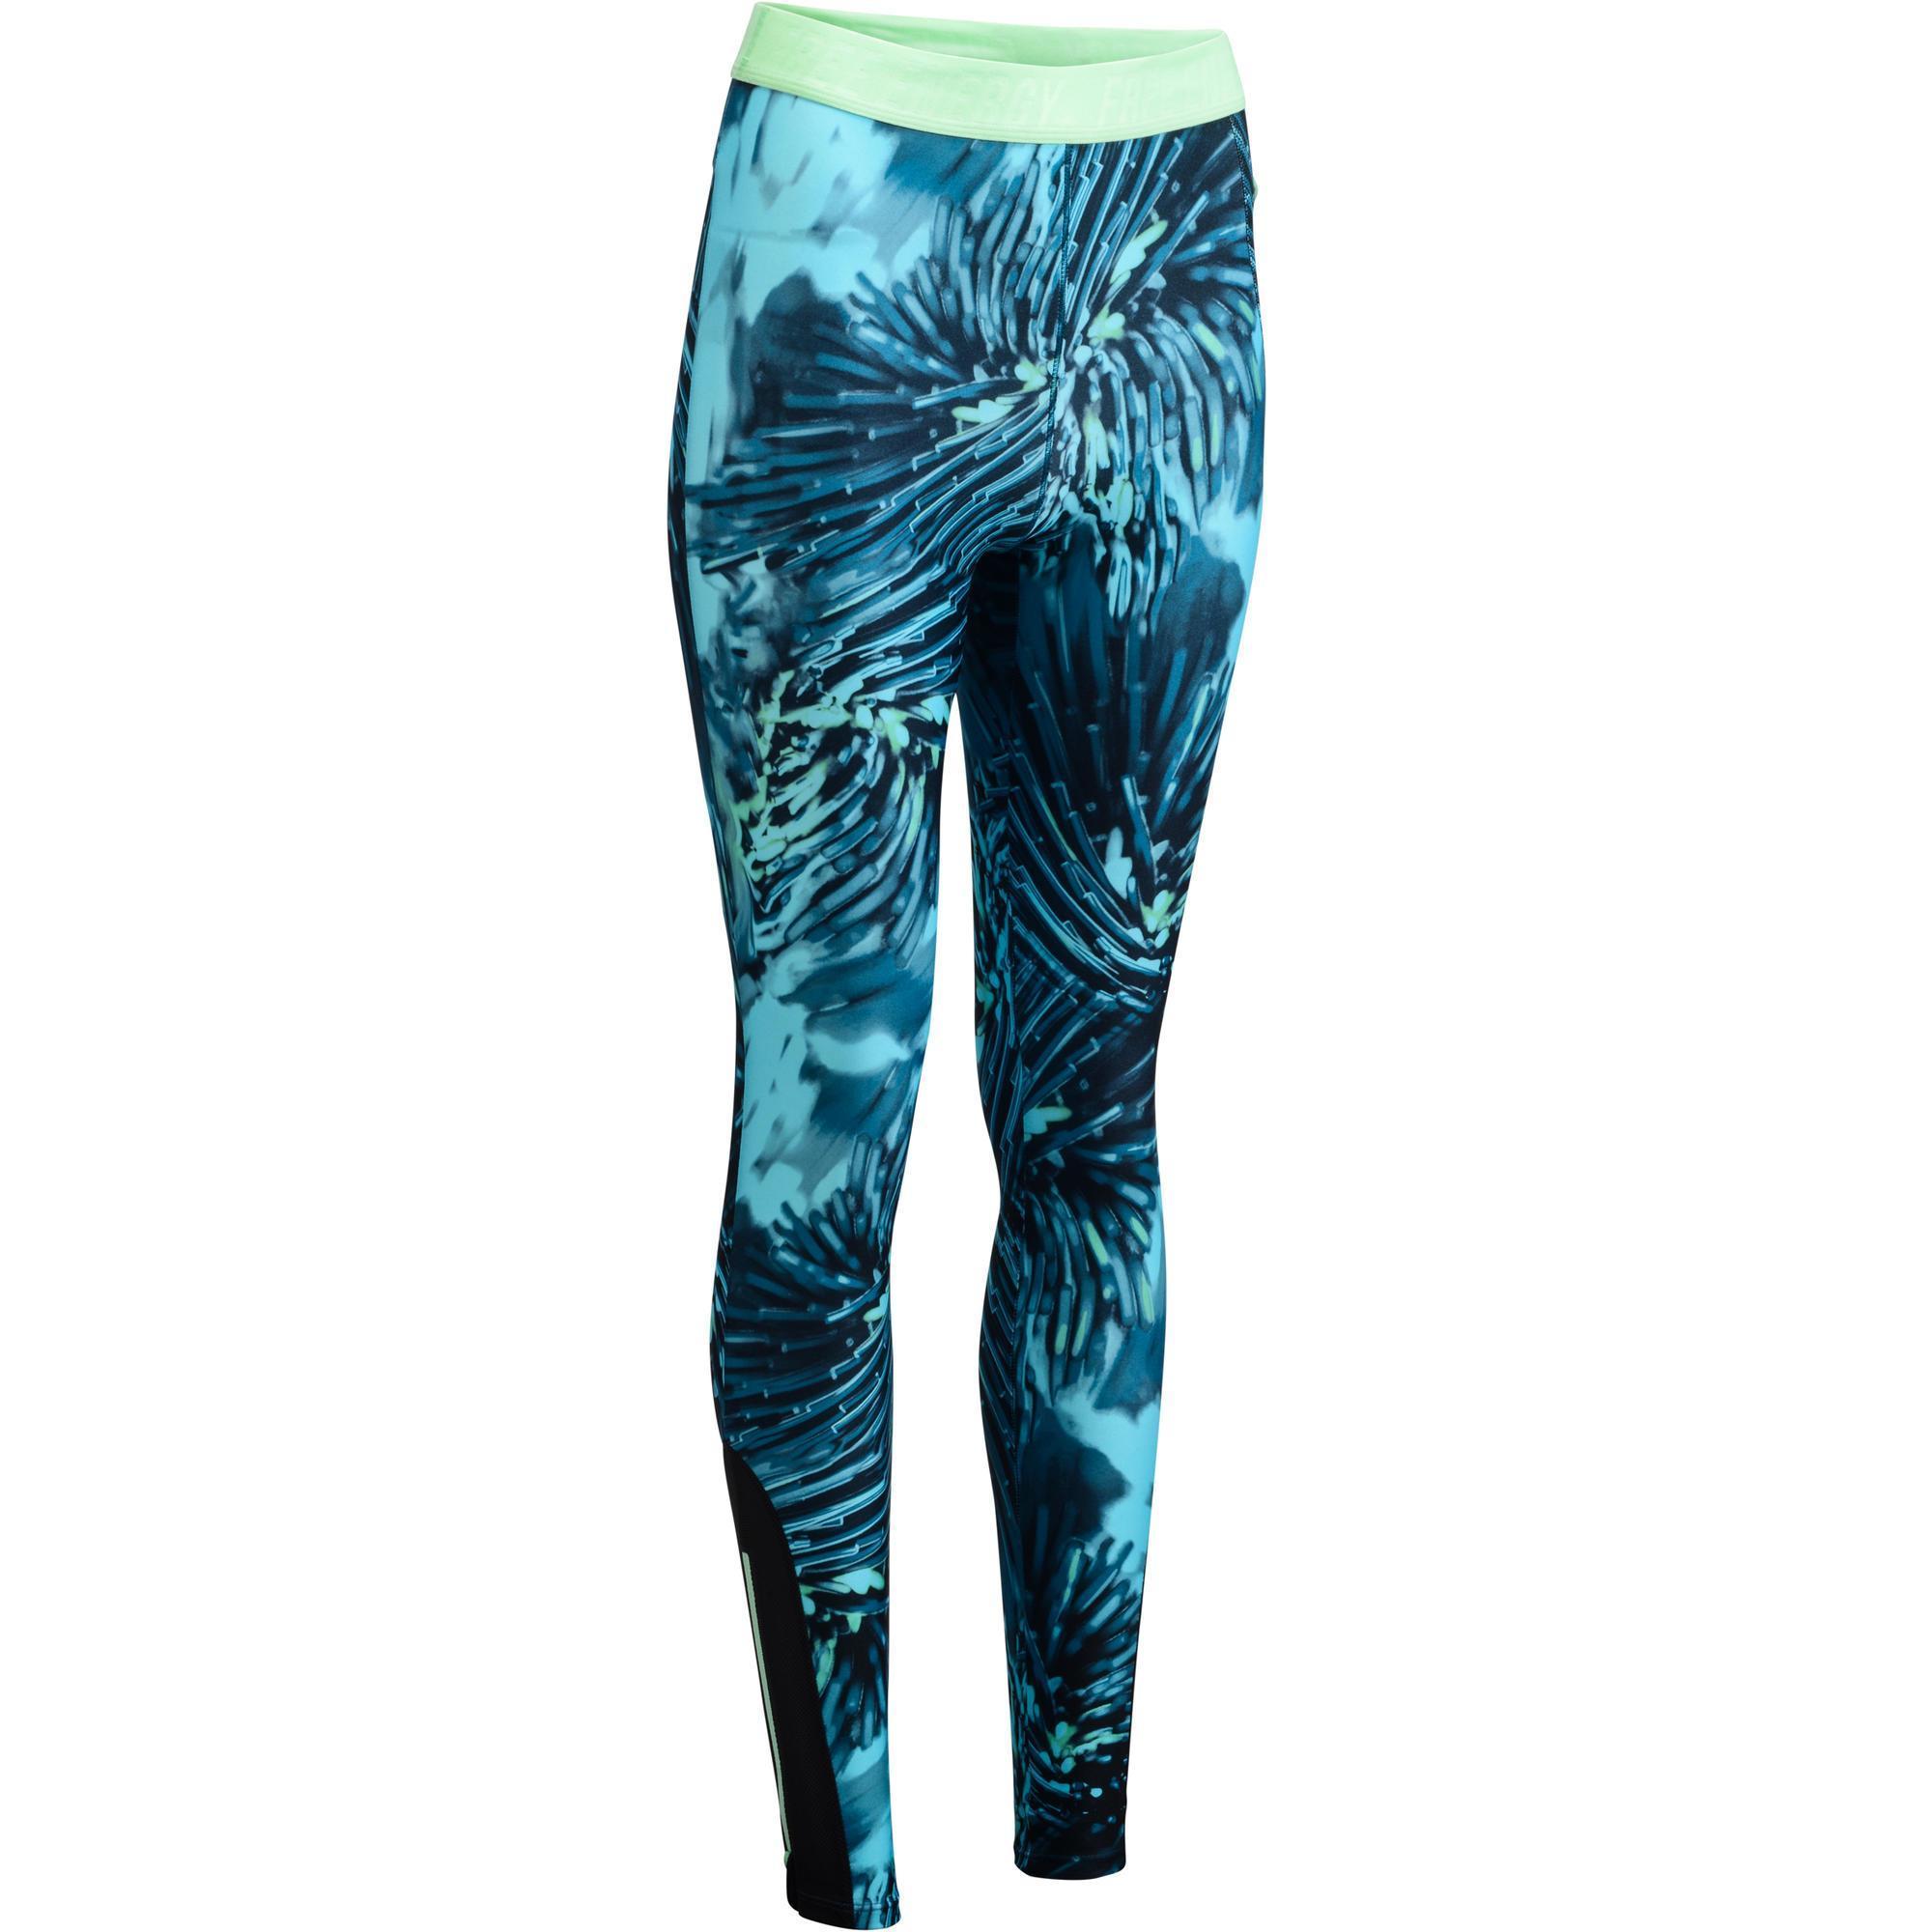 Fitness Leggings Damen Blickdicht: Leggings 500 Fitness Cardio Damen Tropenmotiv Blau